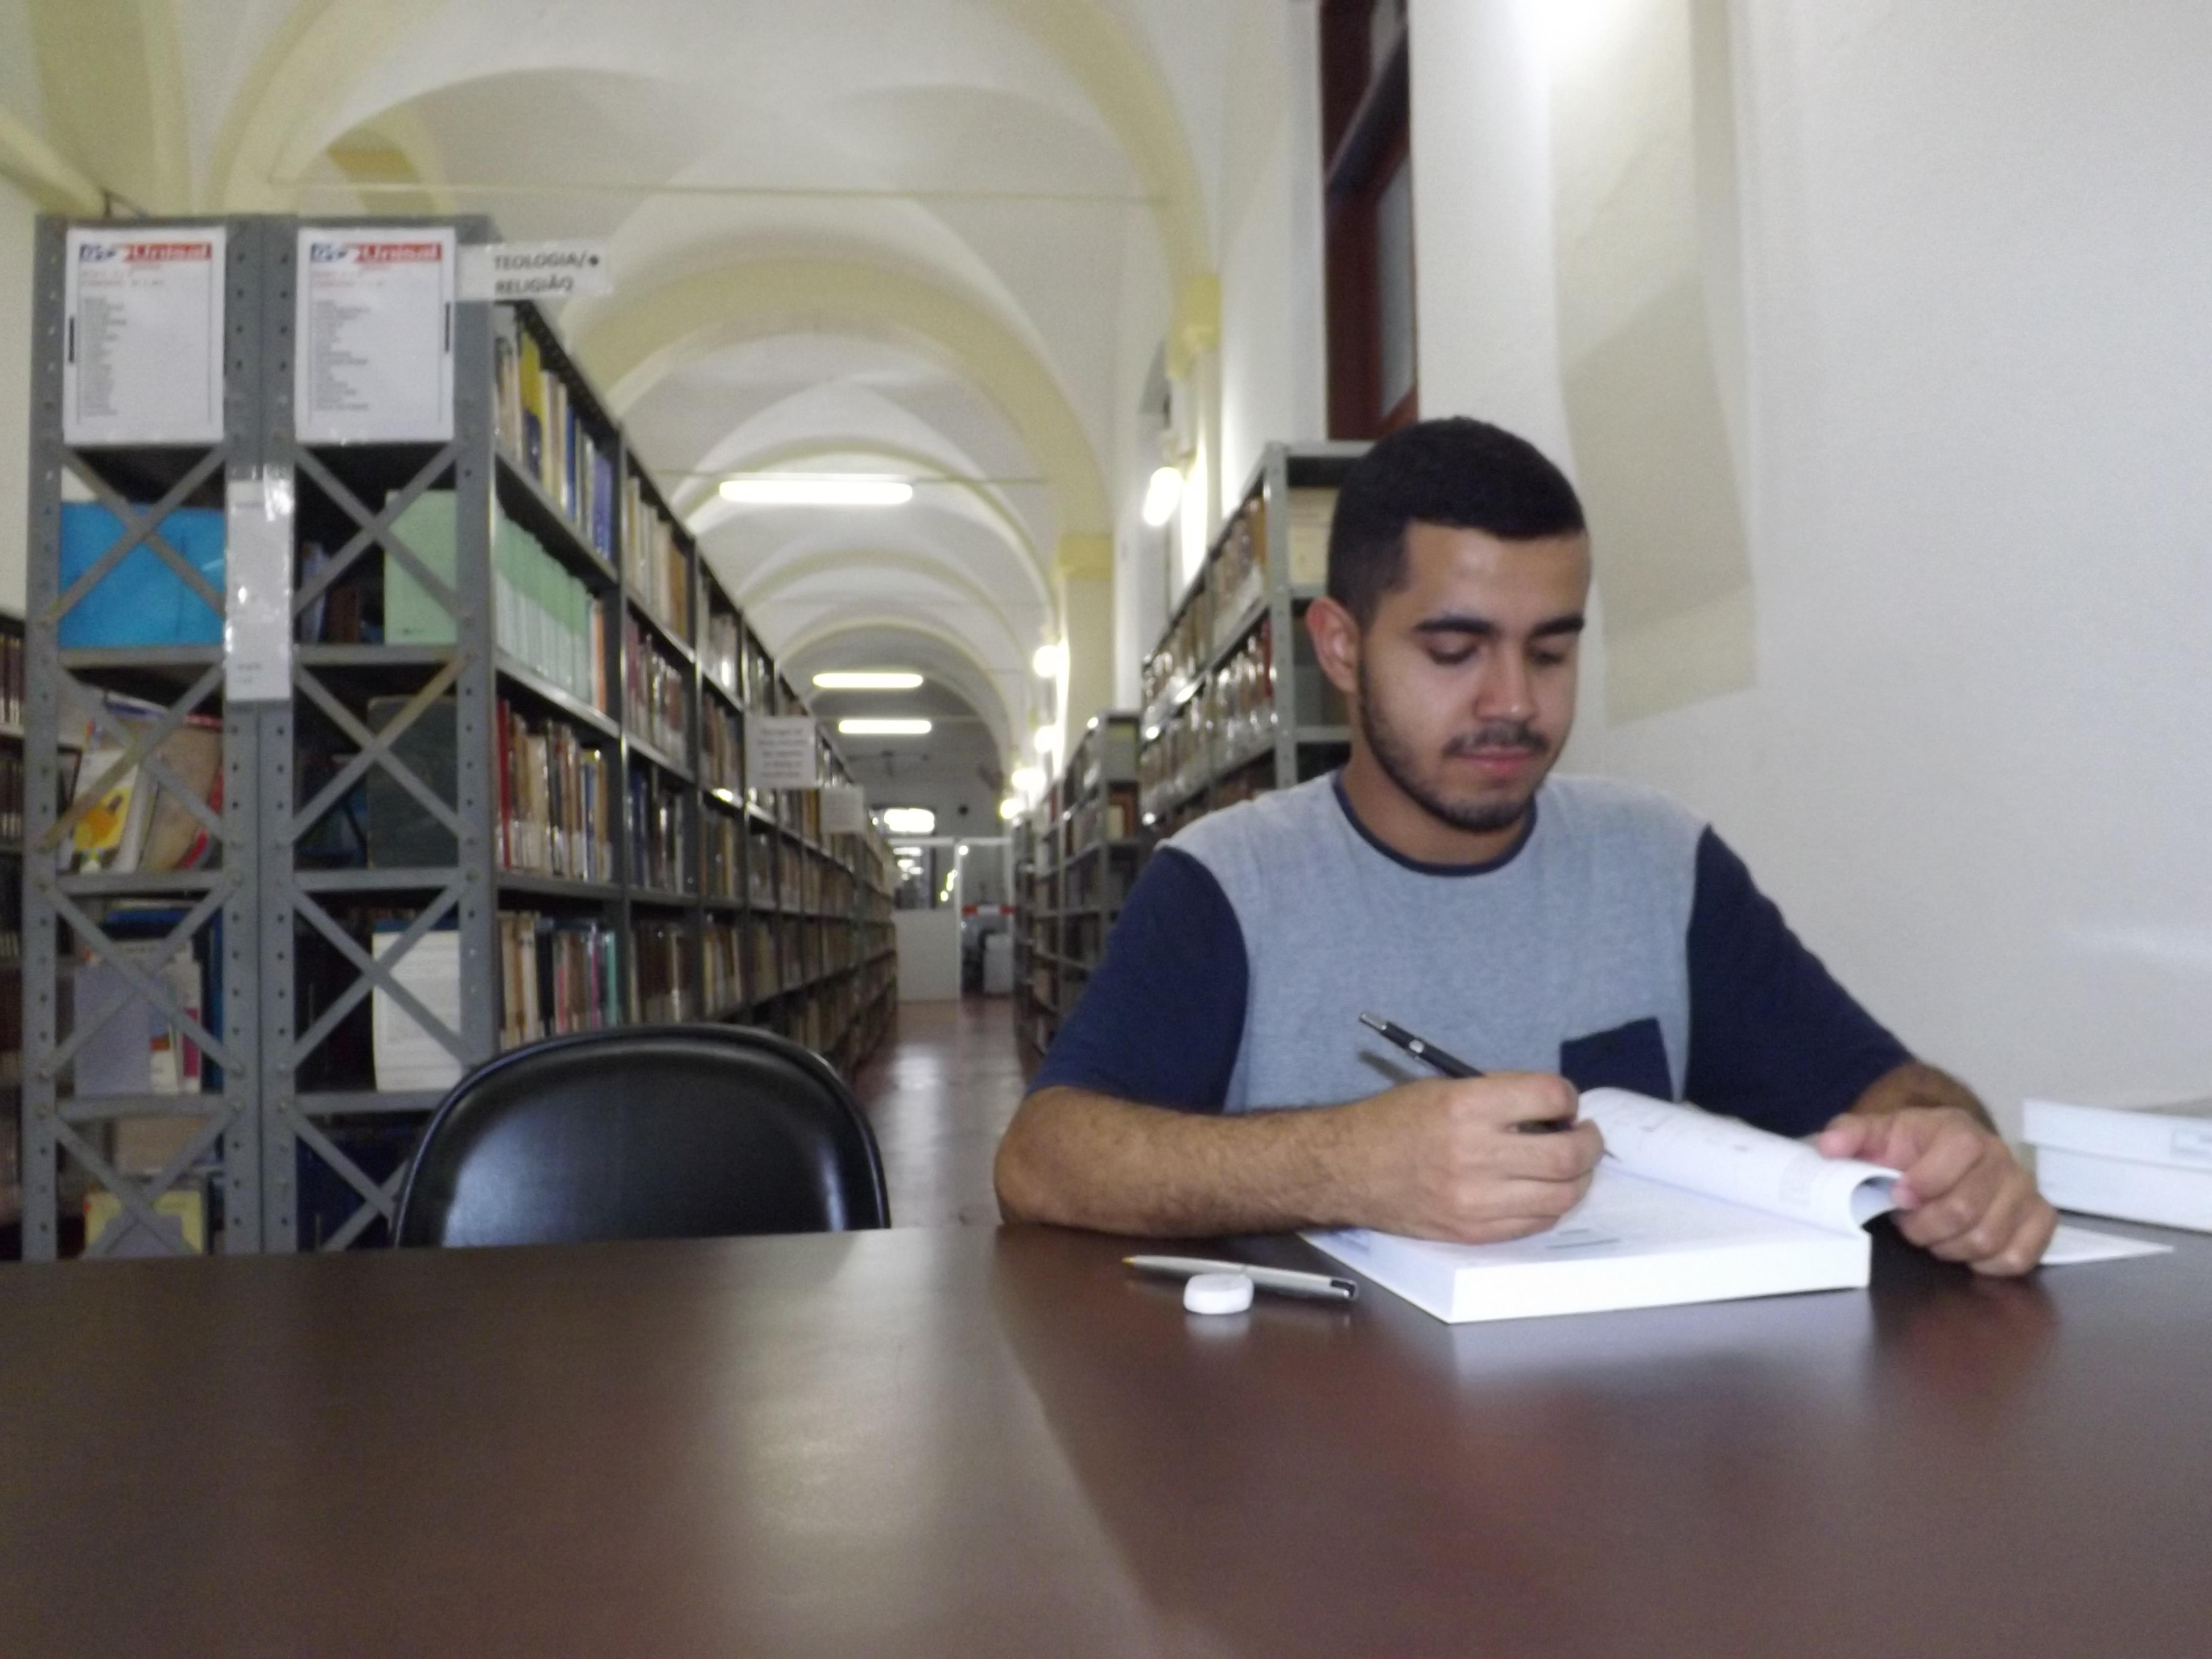 Yuri conta com a ajuda financeira da campanha virtual para concluir graduação na Europa (Foto: Lucas Barbosa)